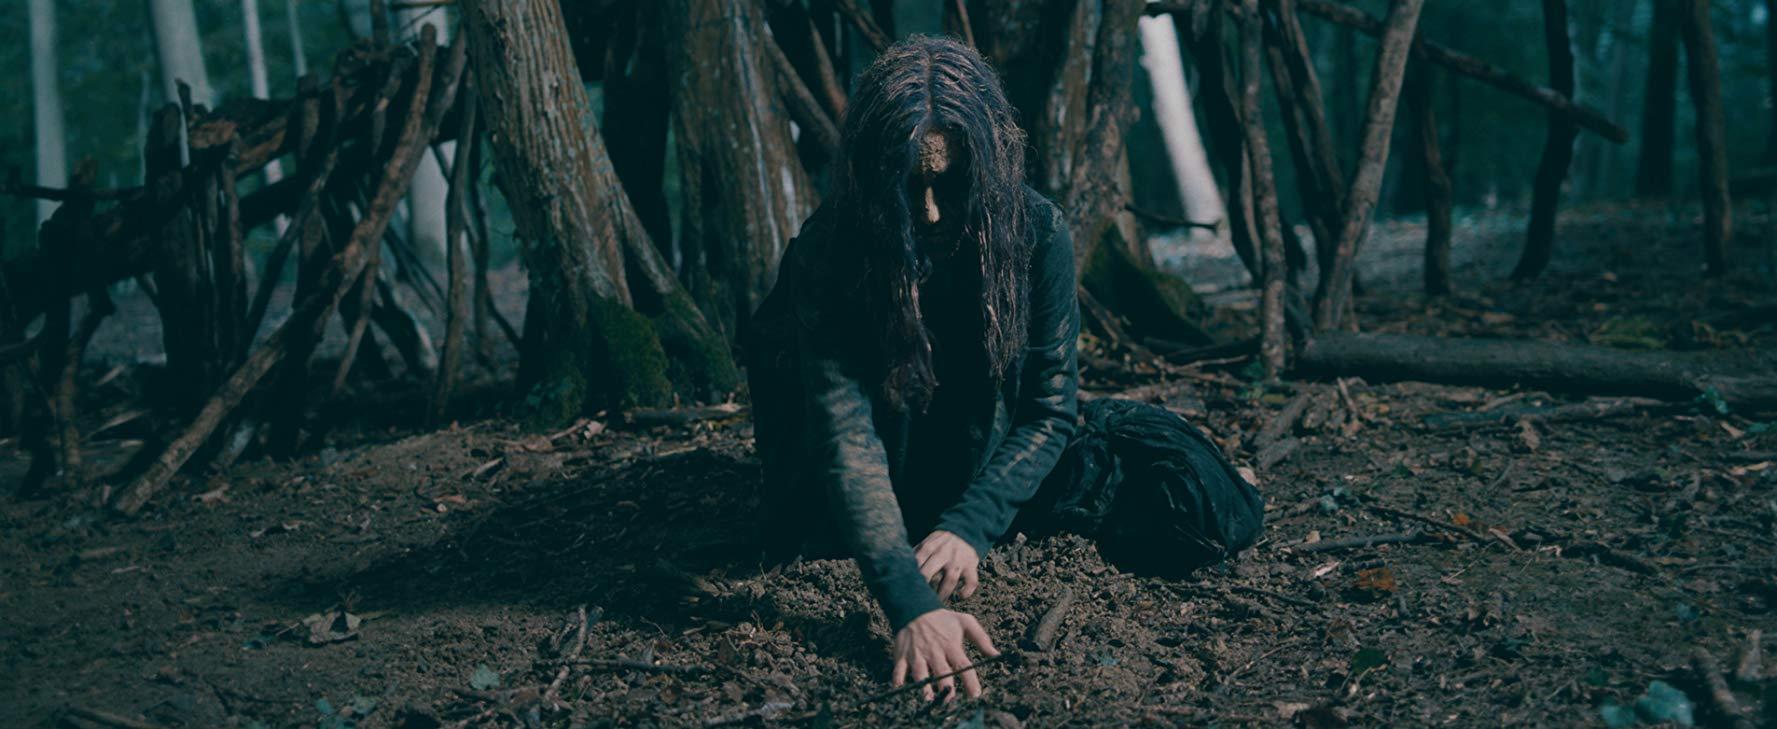 [Panic Fest Review] Short Film Blocks